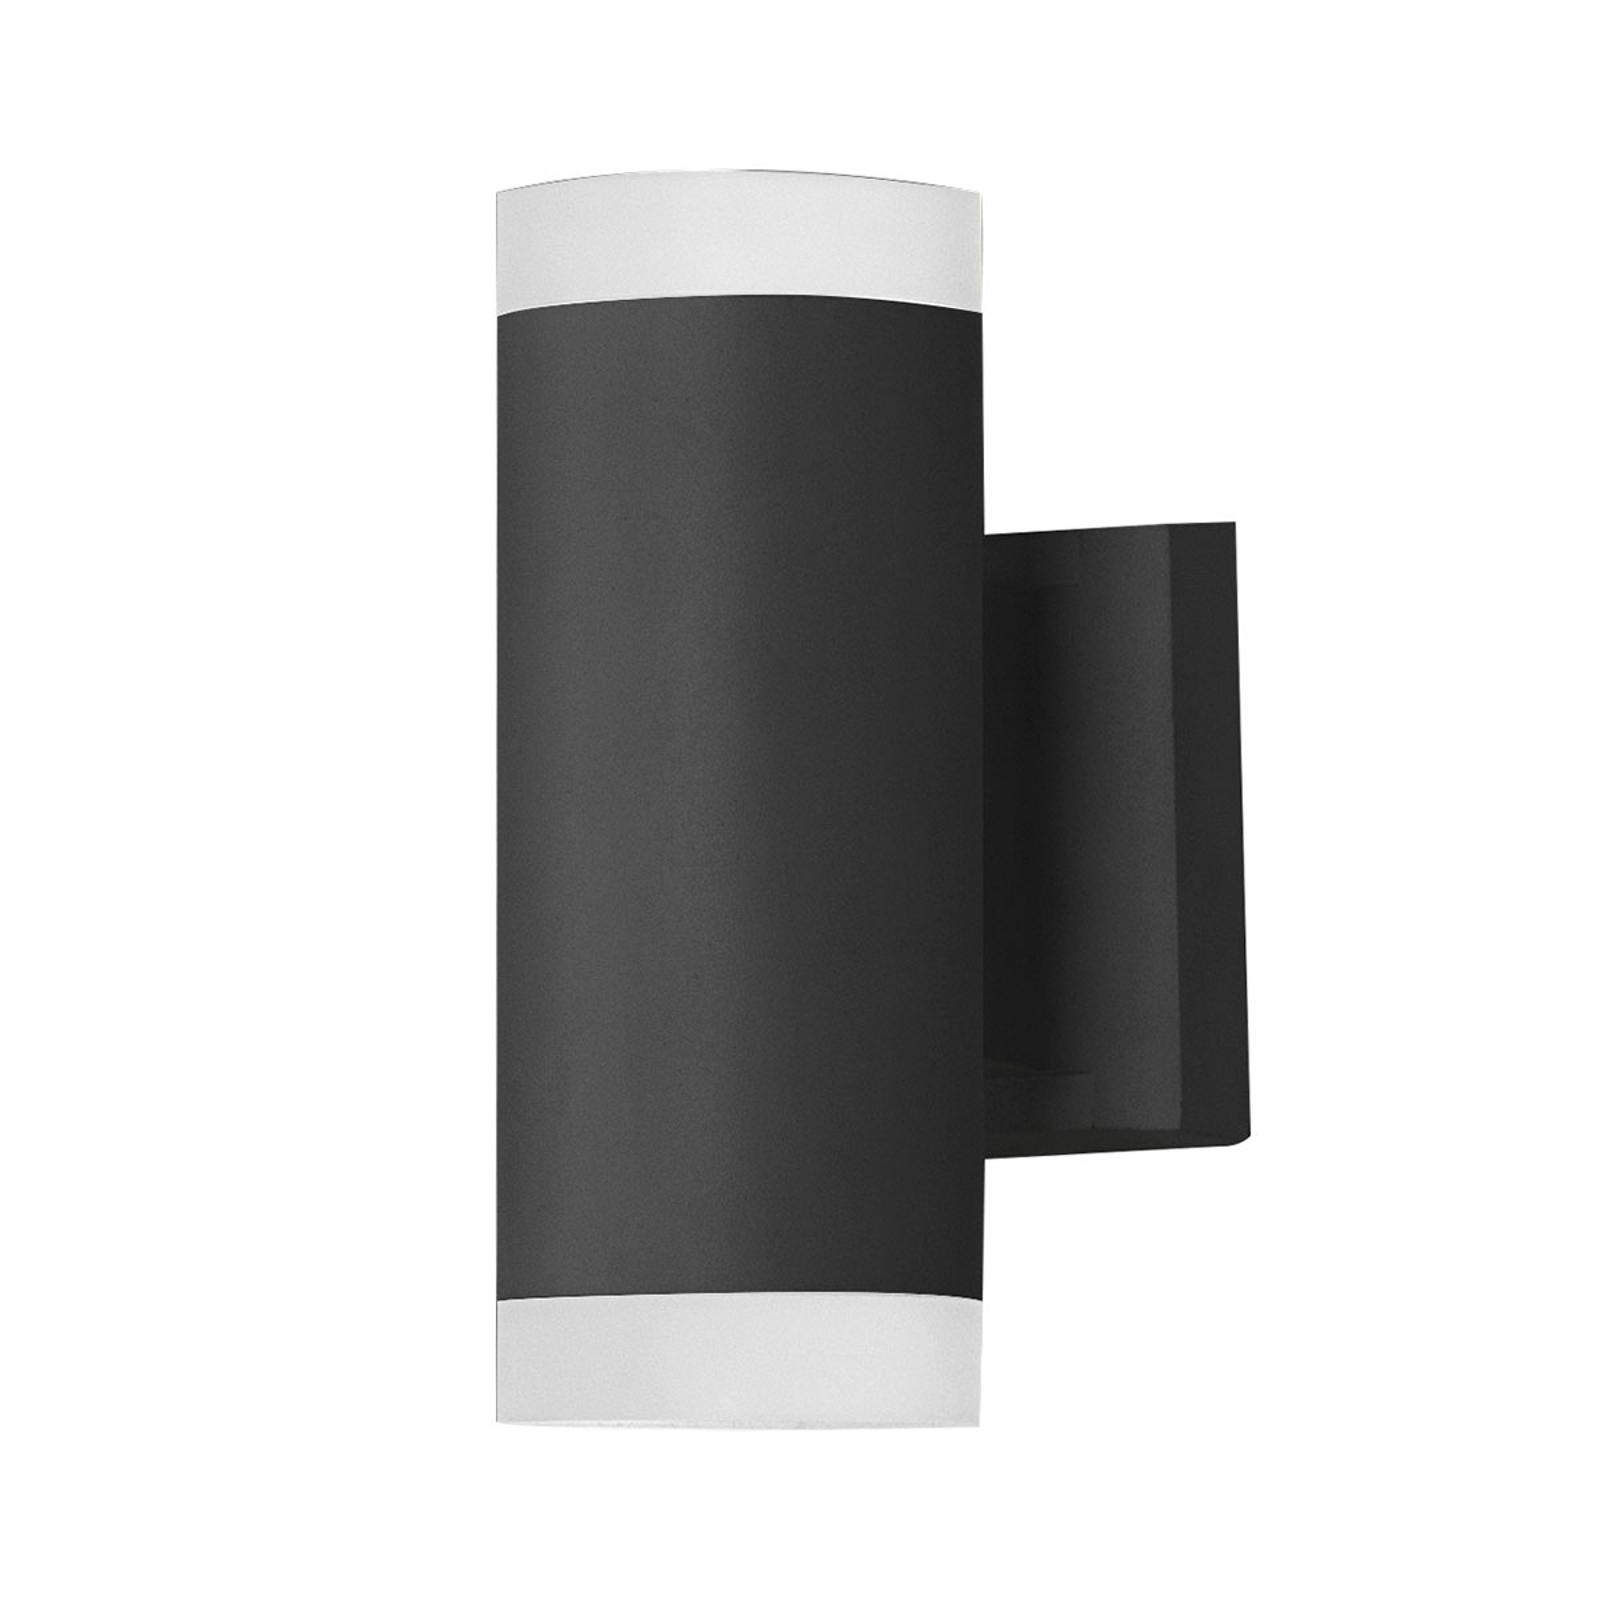 BRUMBERG 10088 LED-Außenwandleuchte schwarz